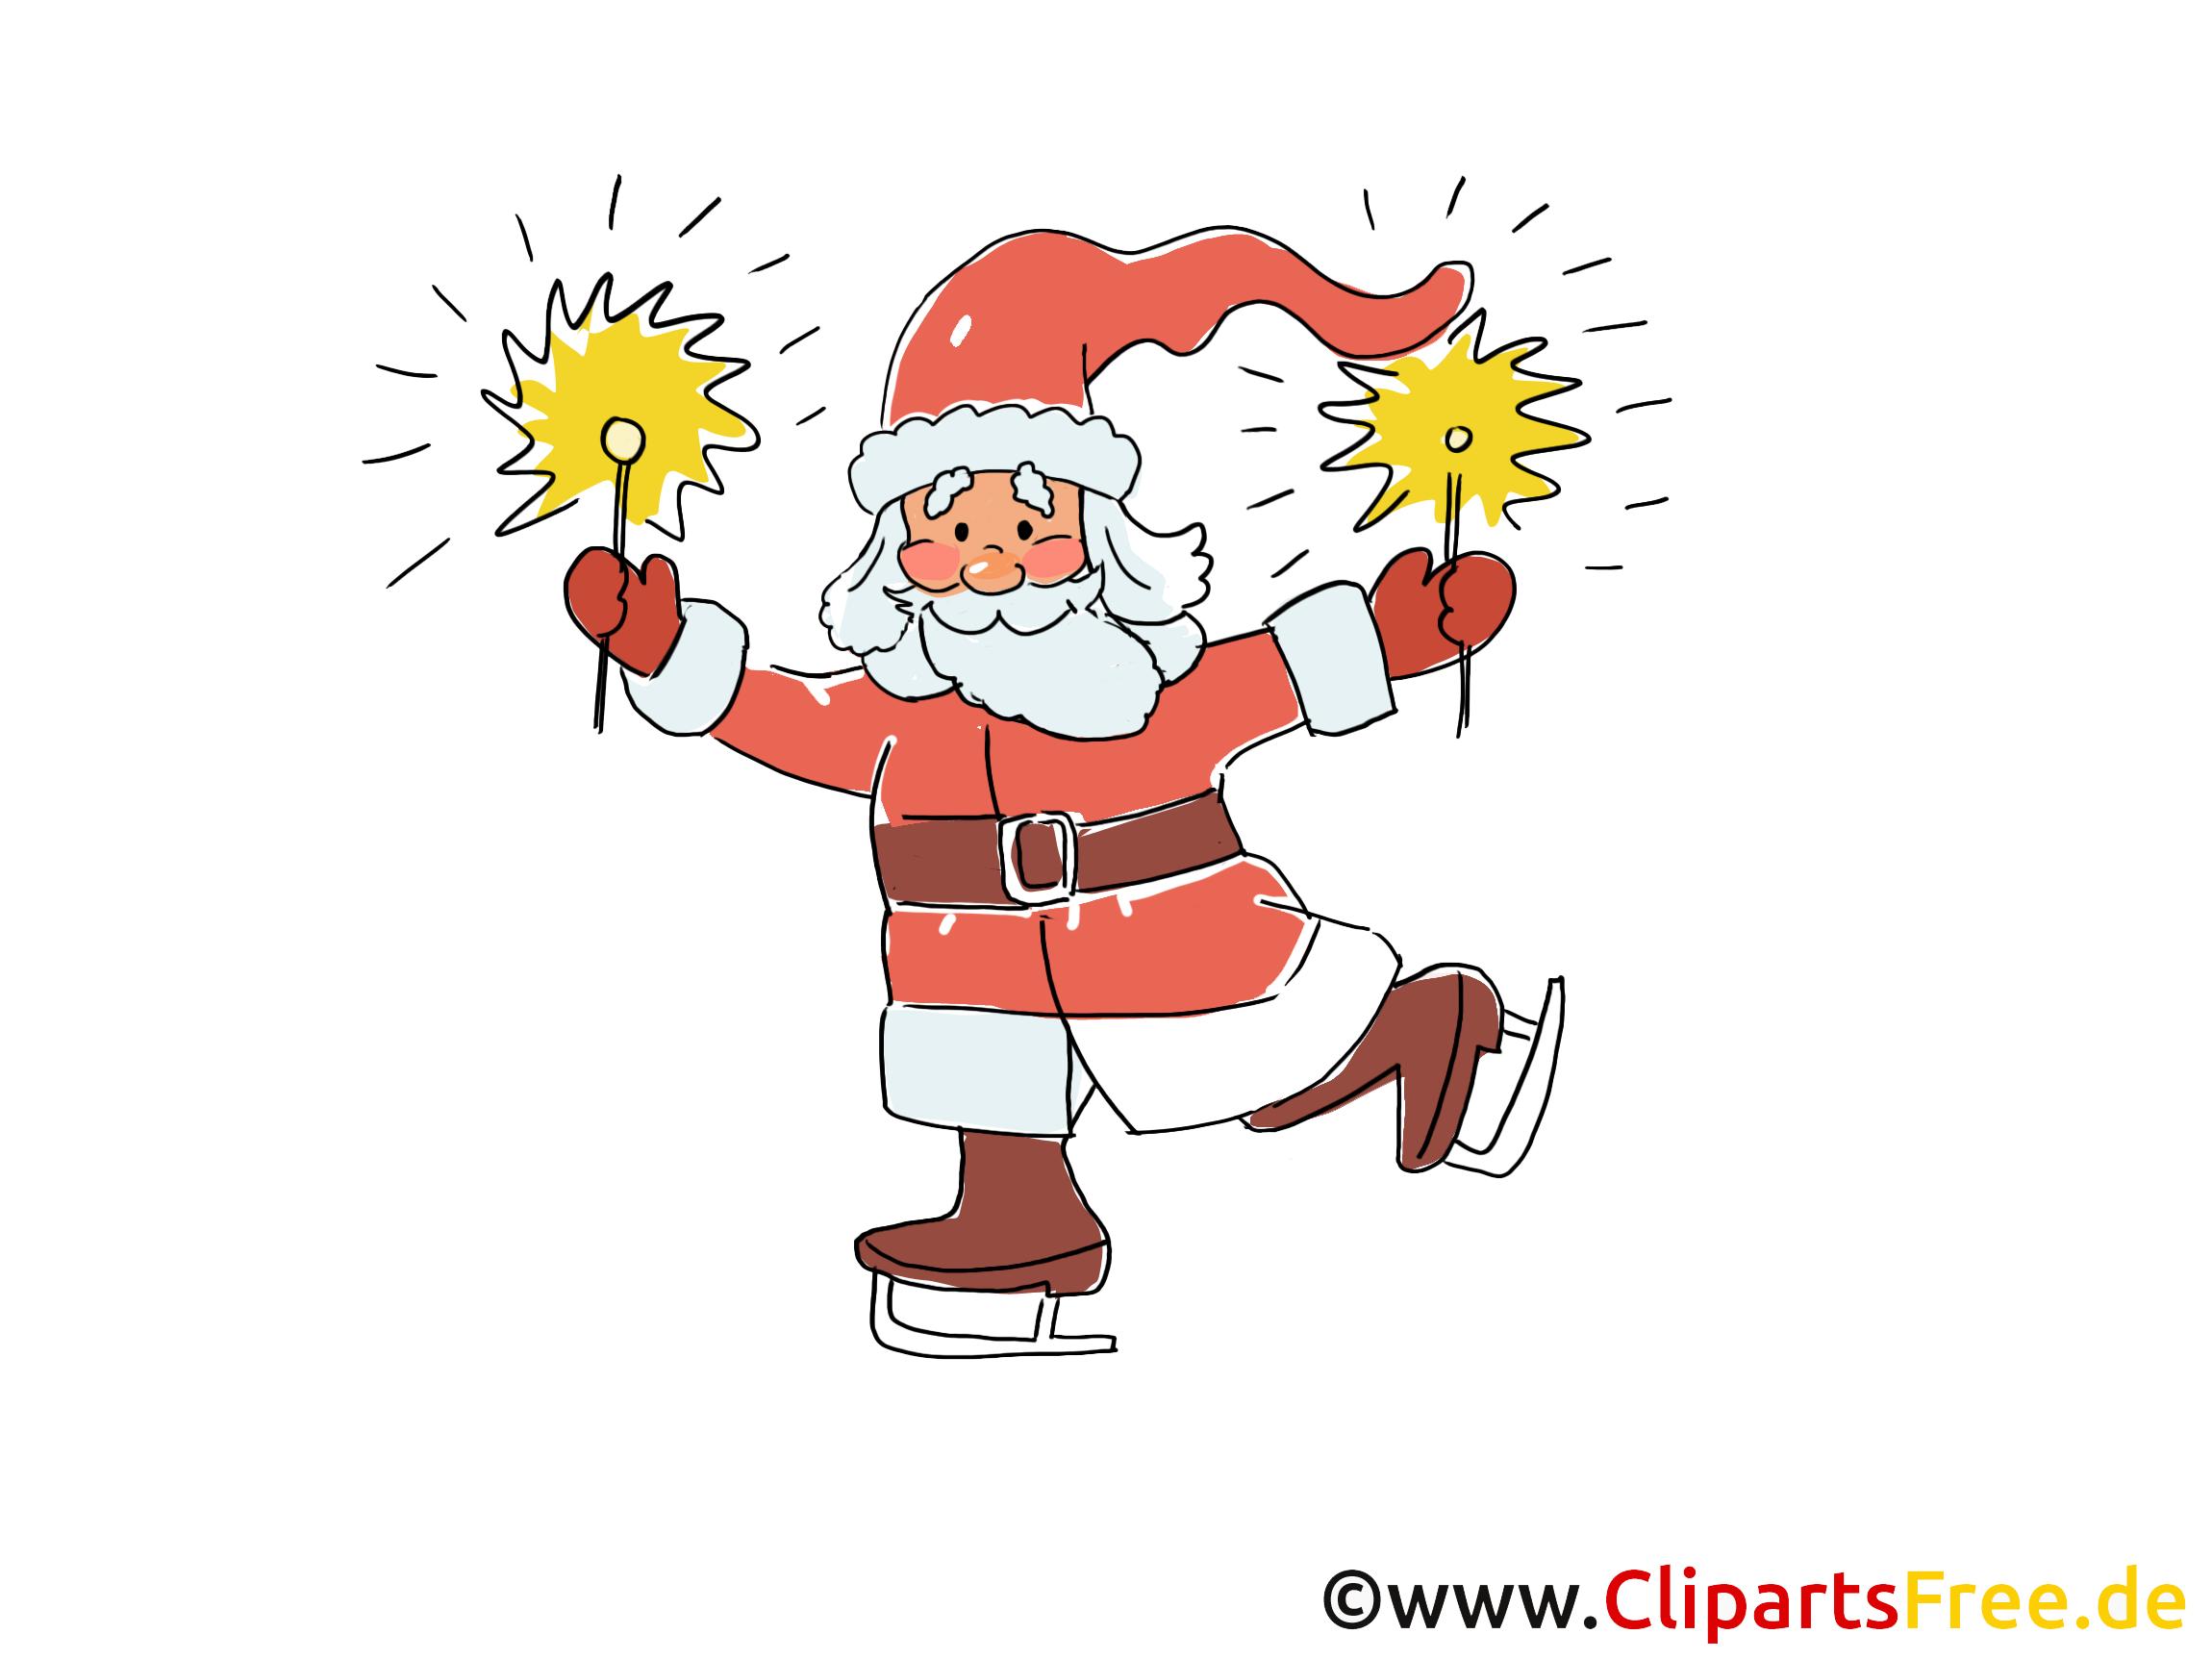 Weihnachtsmann Bilder, Gifs, Grafiken, Cliparts lustig